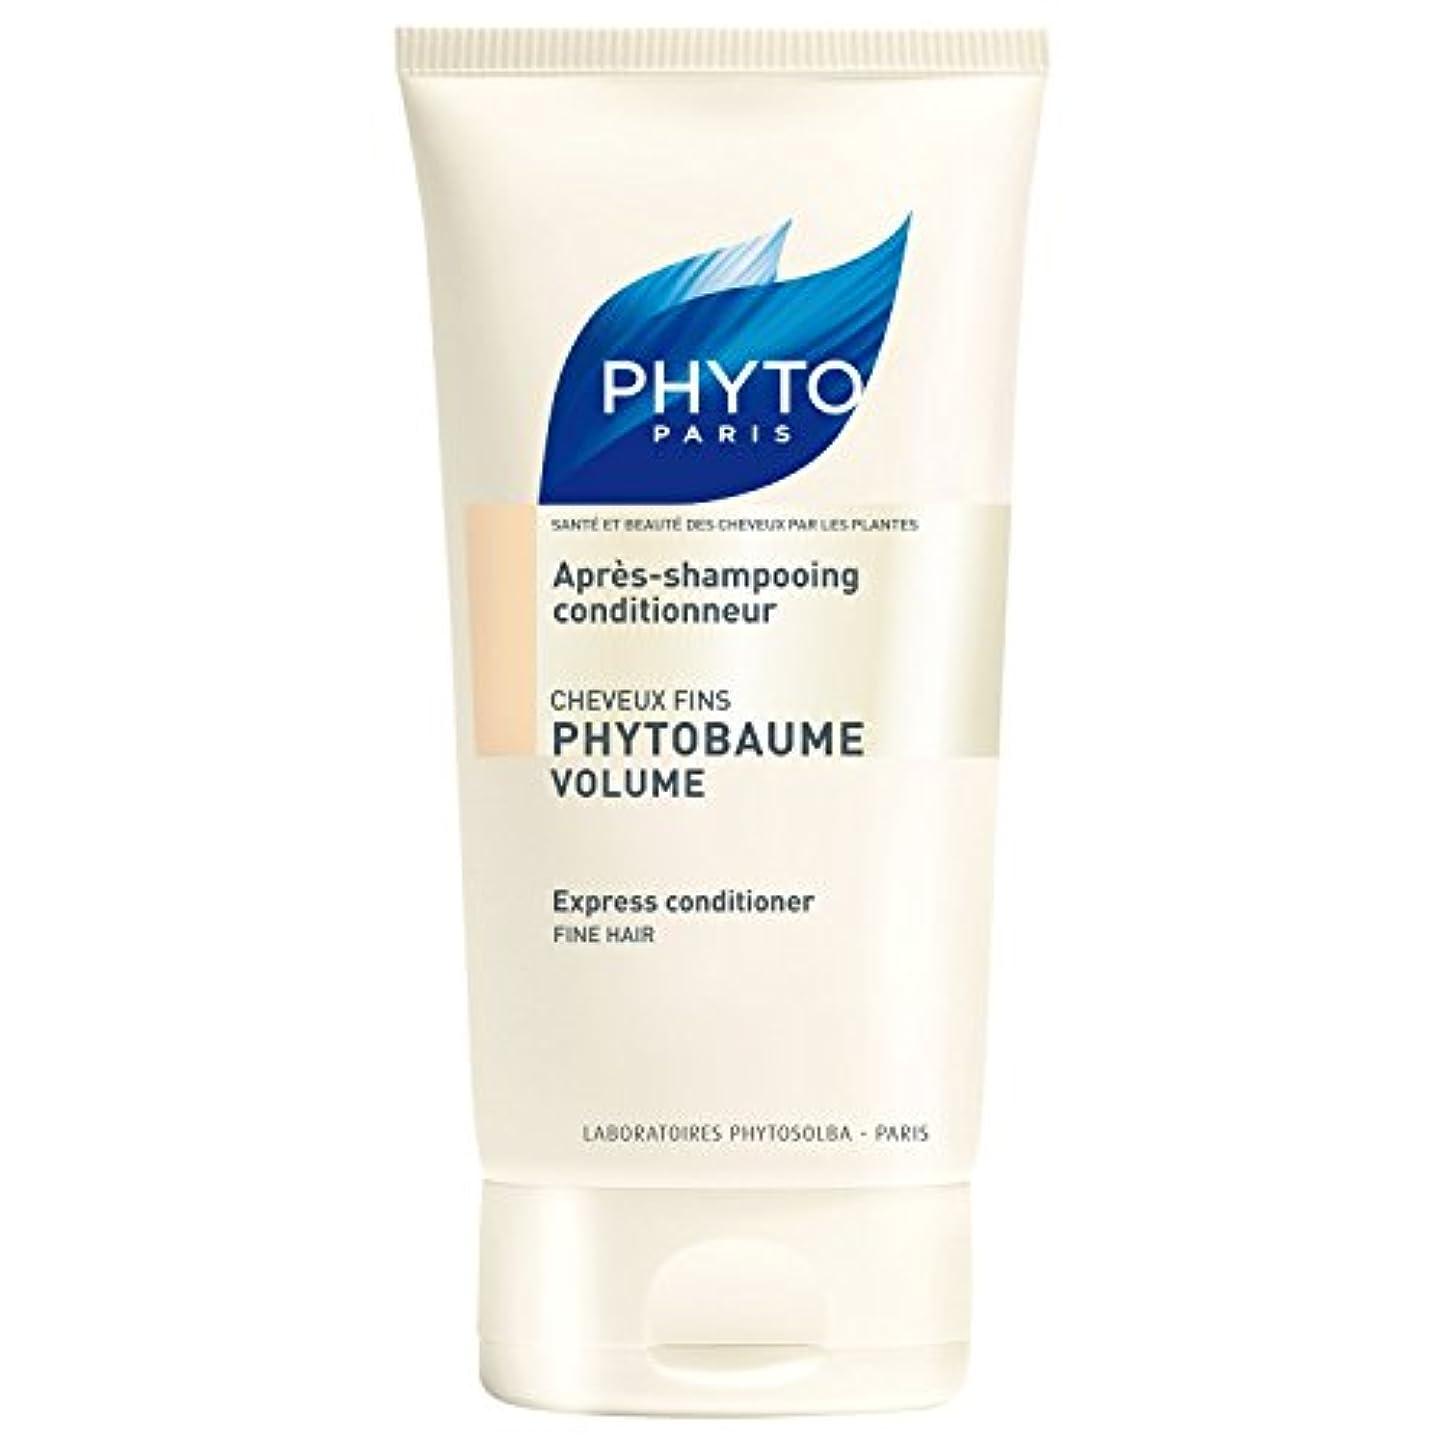 ビザ神エンジニアリング細い髪の150ミリリットルのためのフィトPhytobaumeボリュームエクスプレスコンディショナー (Phyto) (x2) - Phyto Phytobaume Volume Express Conditioner for...